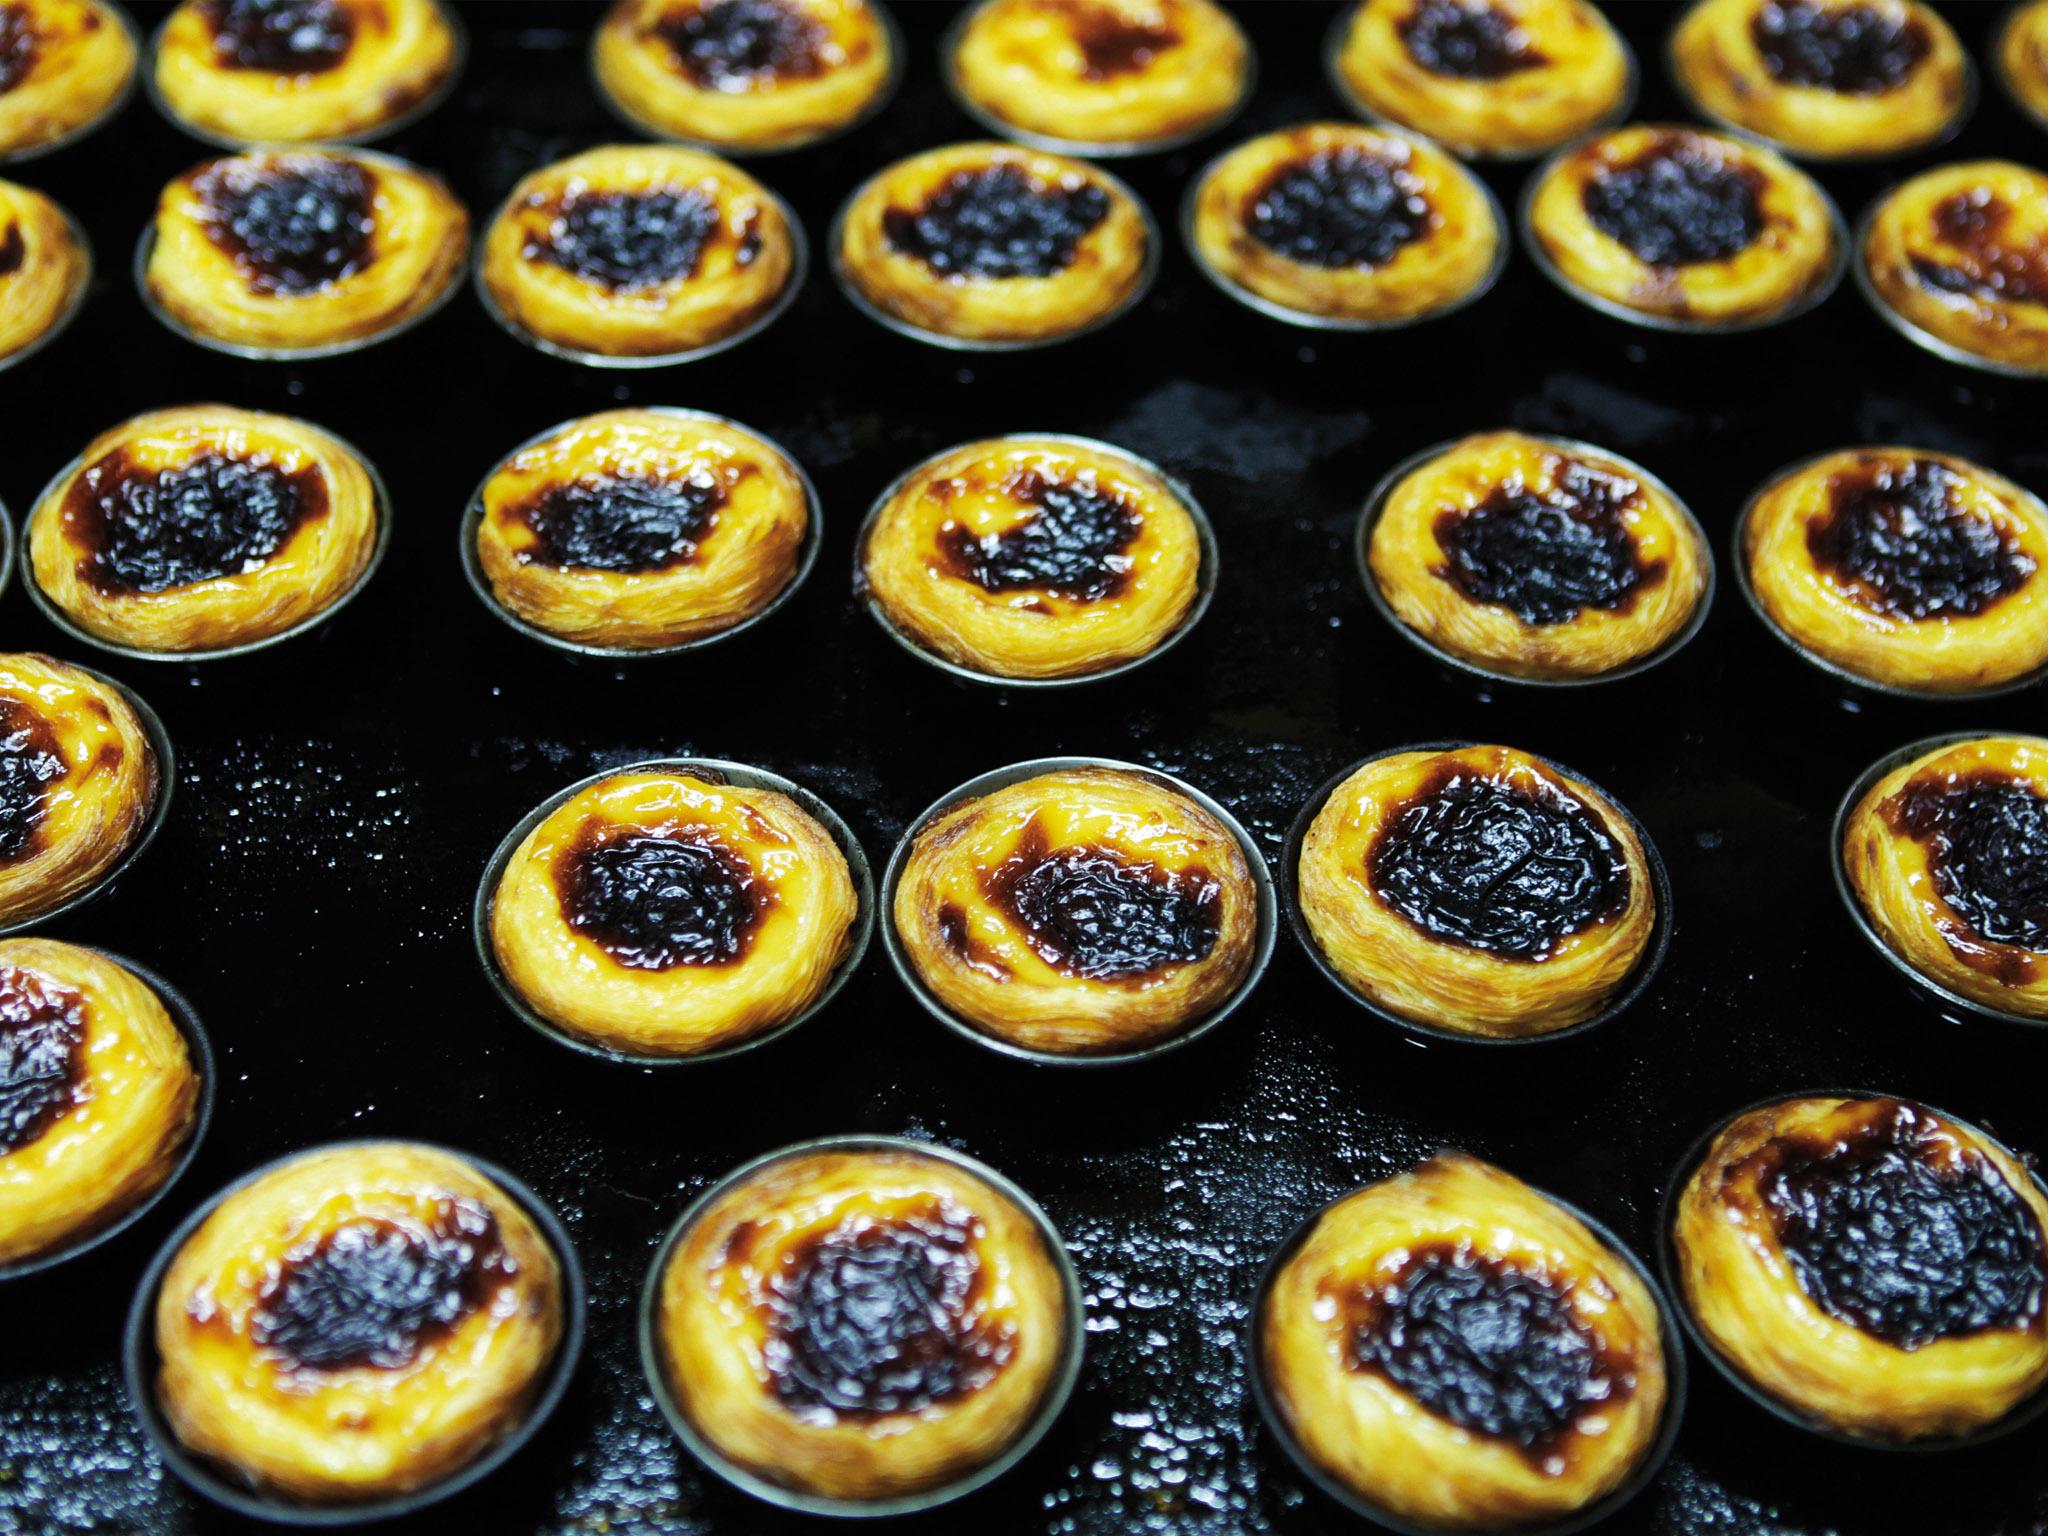 Pastéis de nata da Pastelaria Fim de Século